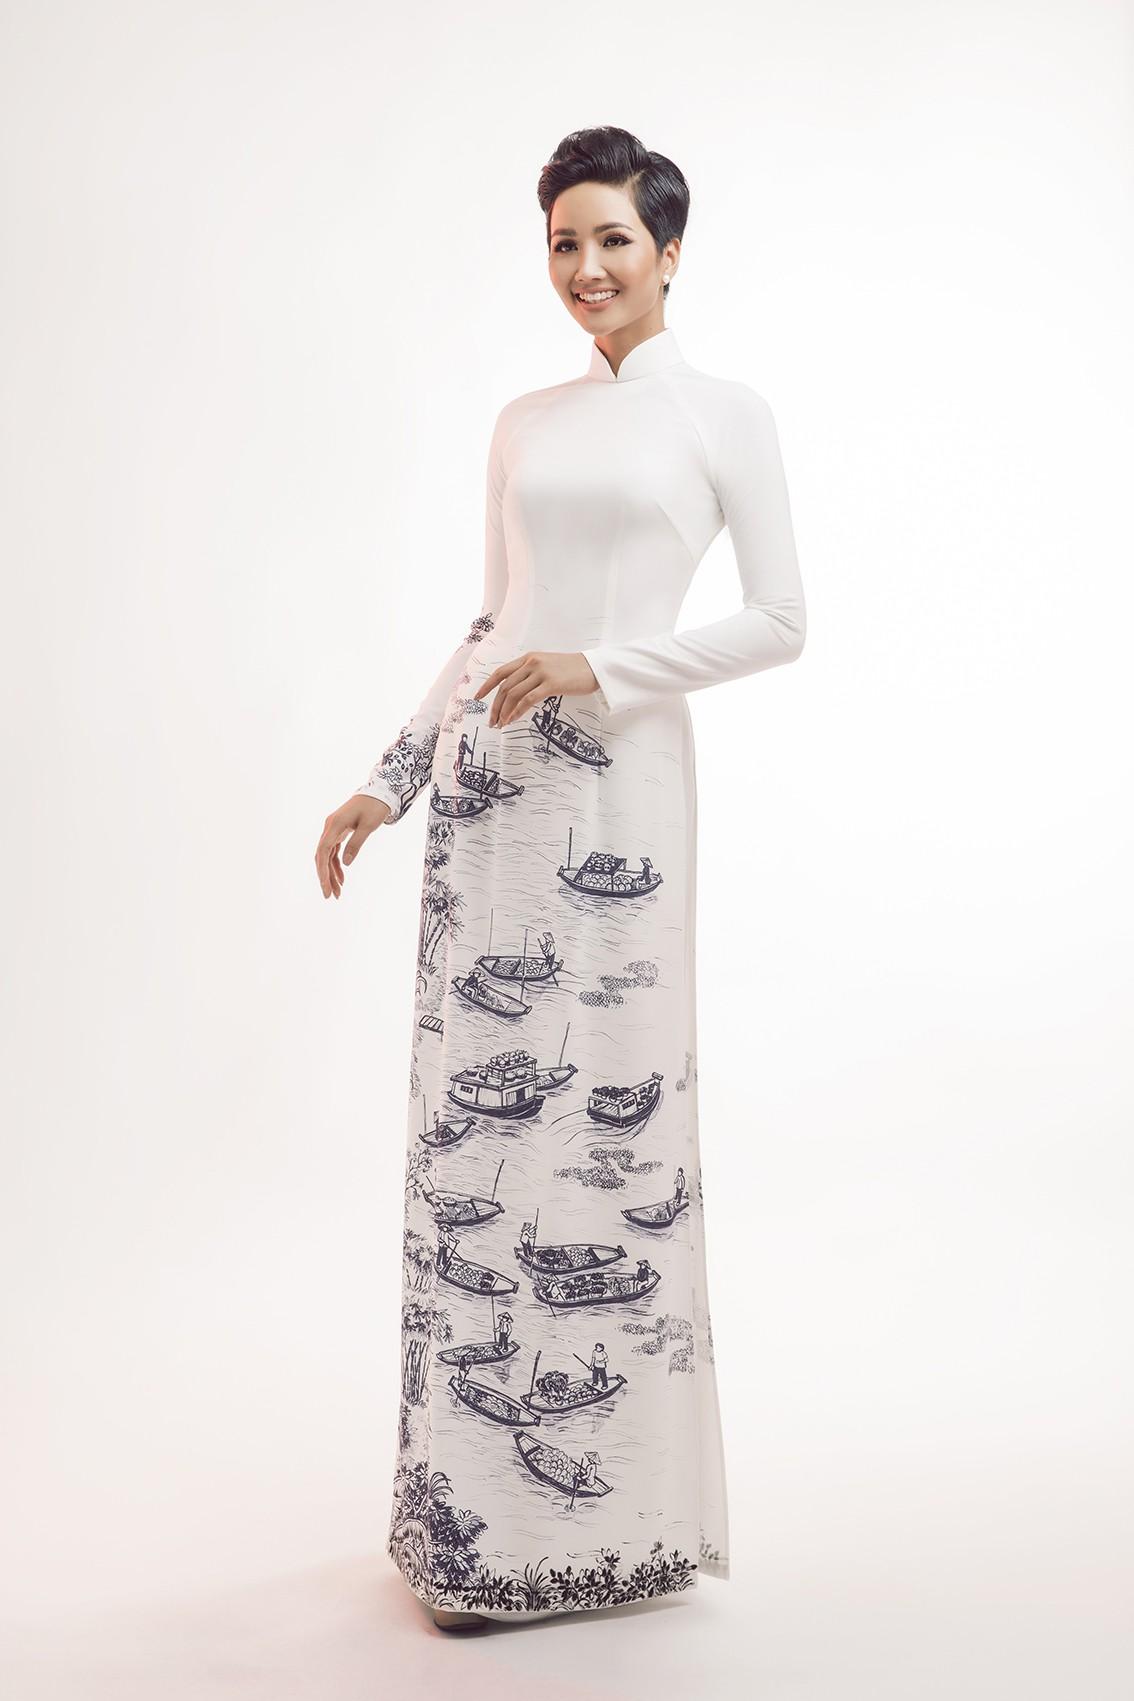 Trong những thiết kế áo dài tuyệt đẹp của nhà thiết kế Thuận Việt, Hoa hậu Hoàn vũ Việt Nam H\u0027Hen Niê thu hút sự quan tâm bởi vẻ đẹp thanh thoát, ...